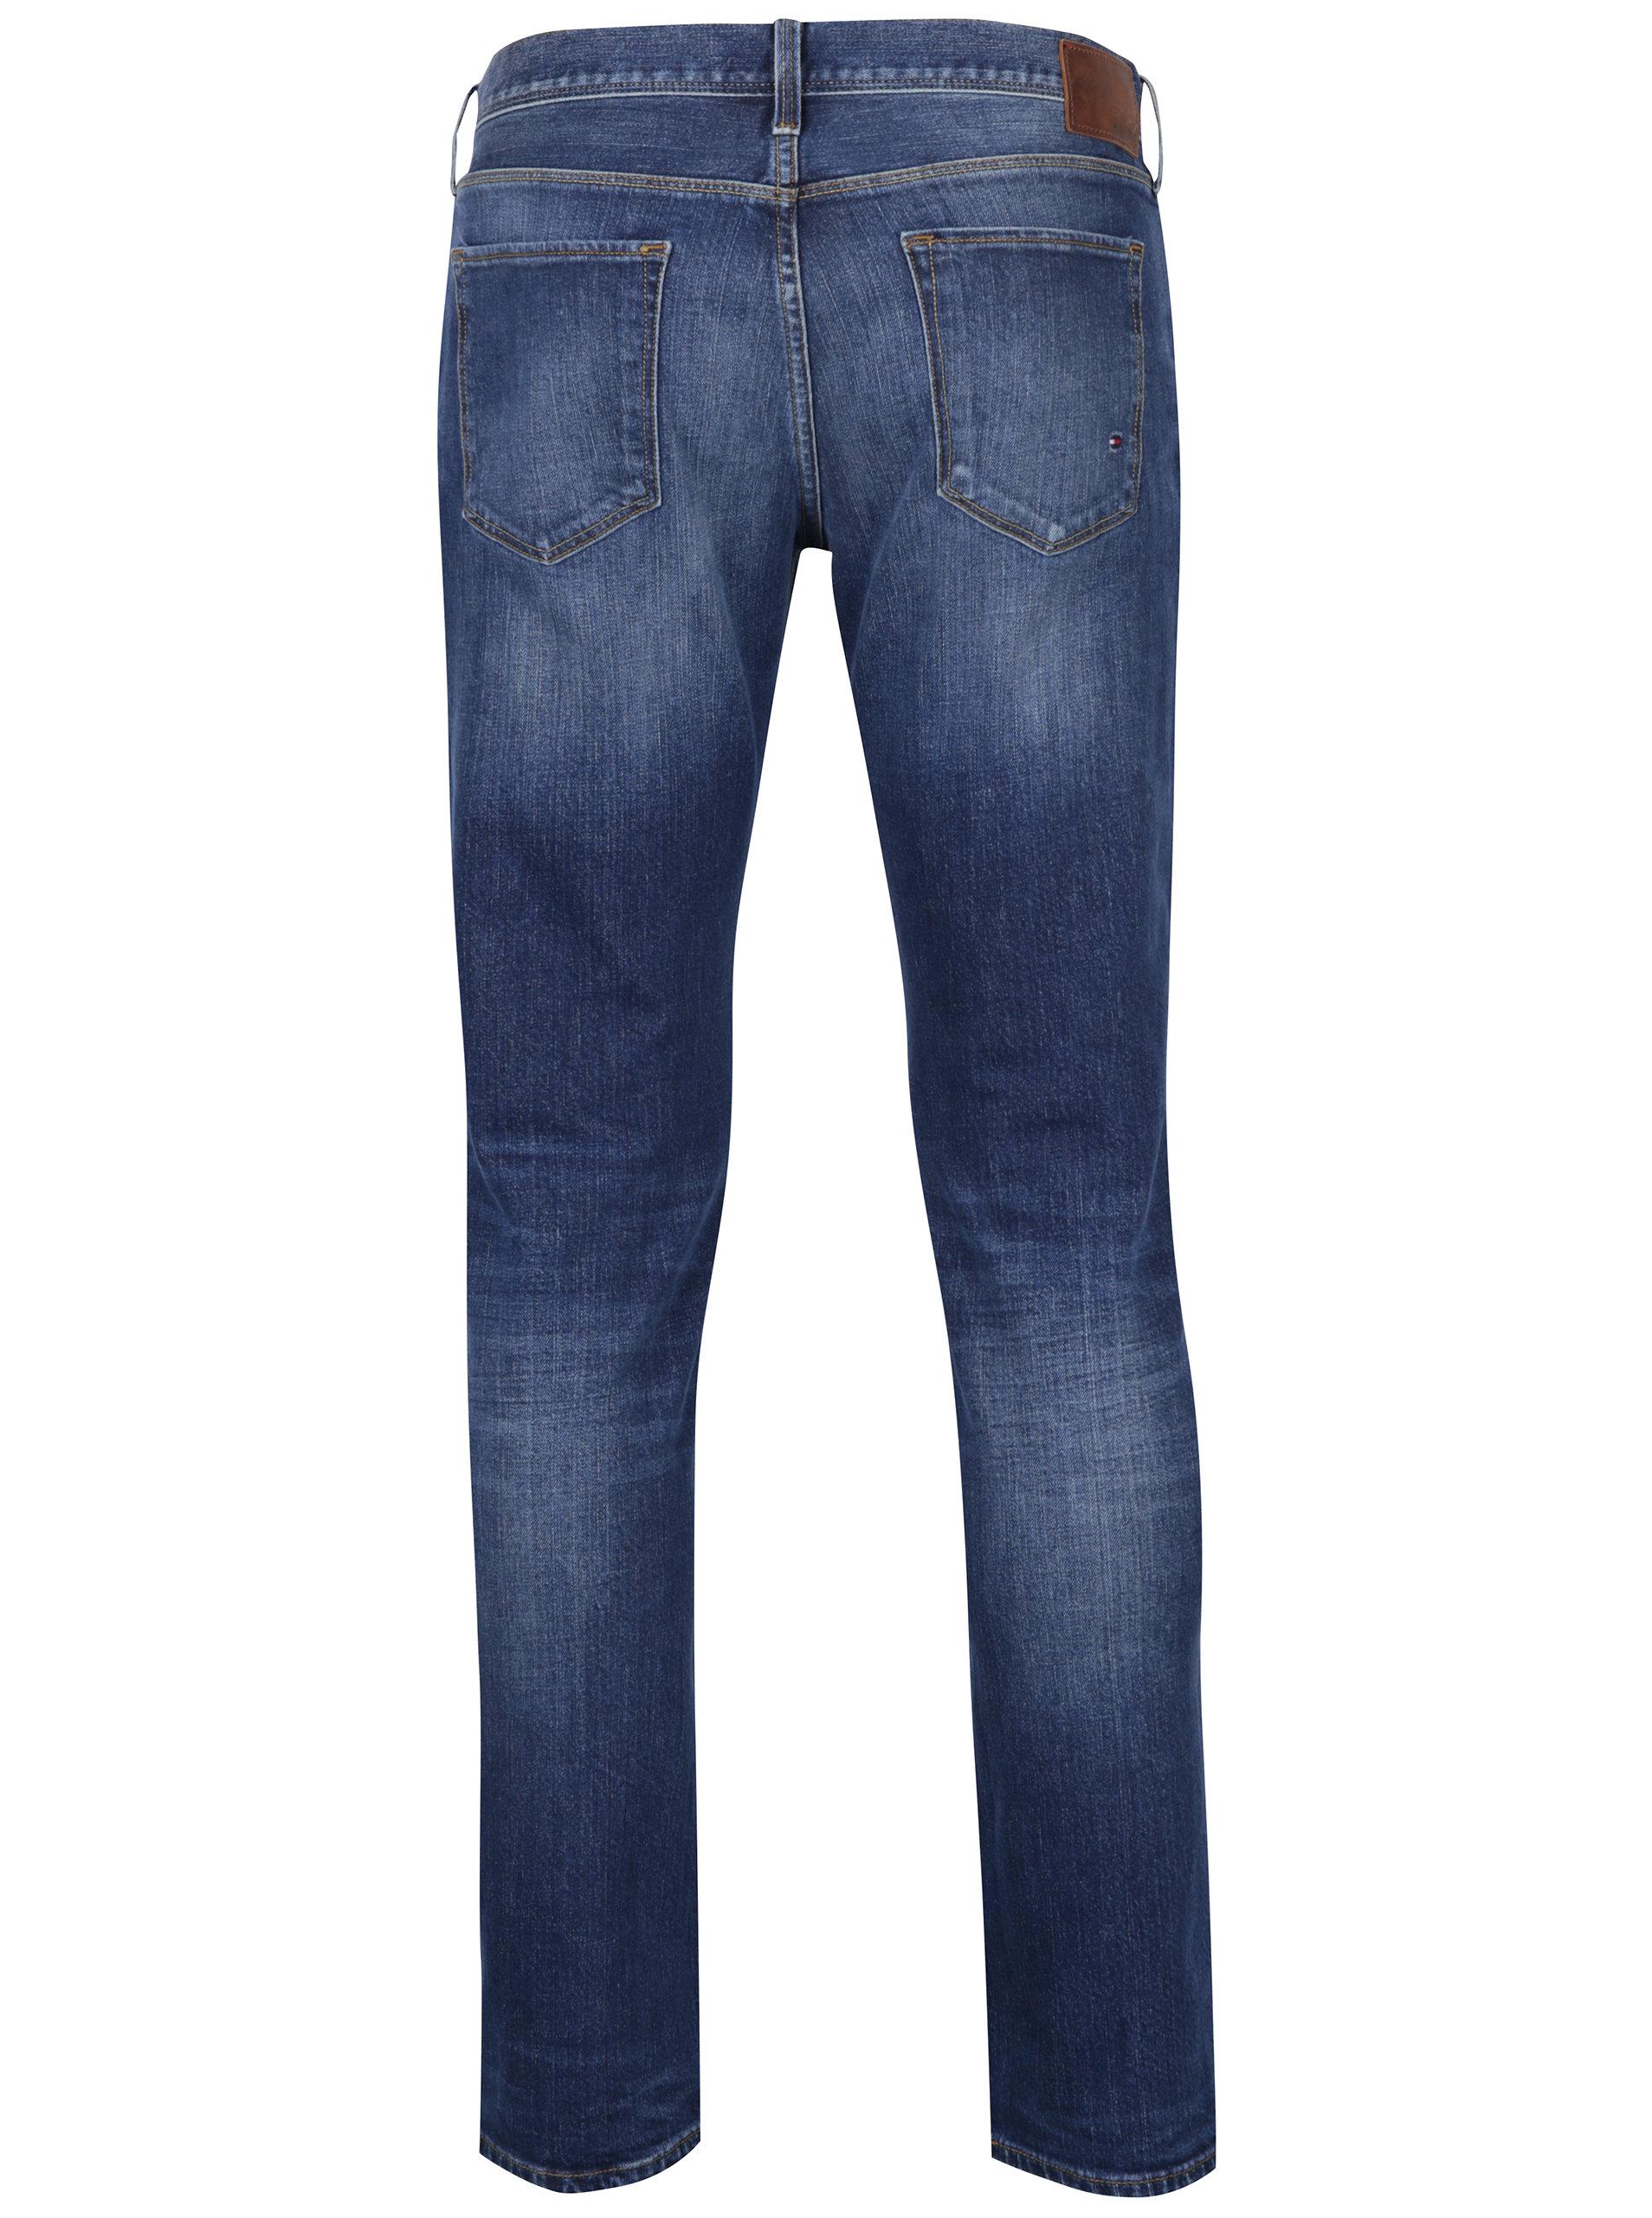 1f1bb04700b Tmavě modré pánské džíny Tommy Hilfiger Denton ...